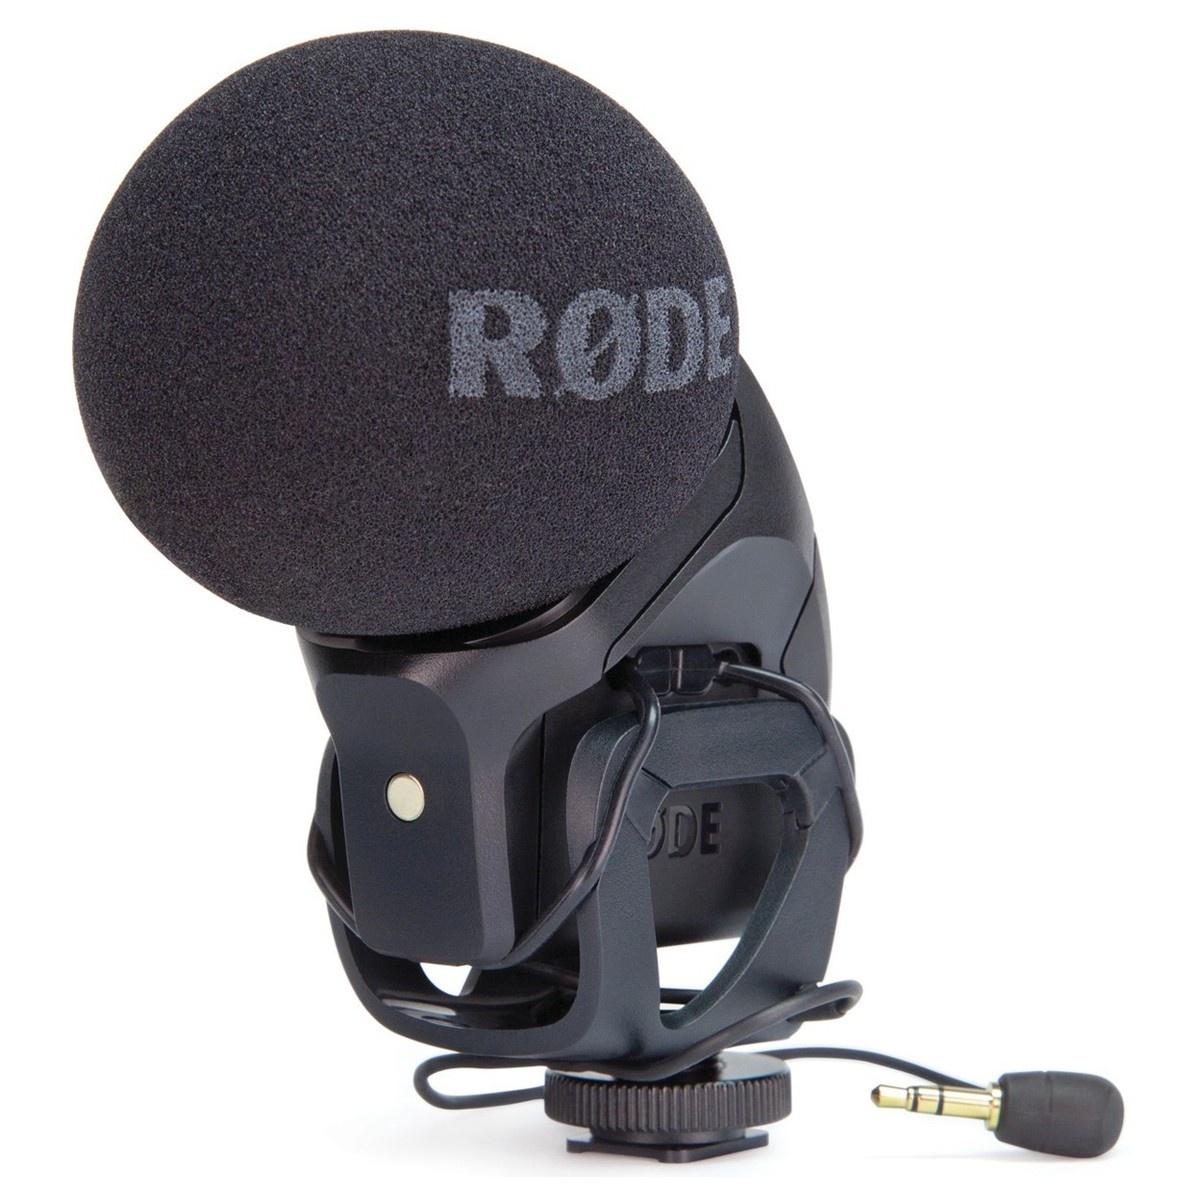 Микрофон RODE SVMPR, черный микрофон rode stereo videomic черный